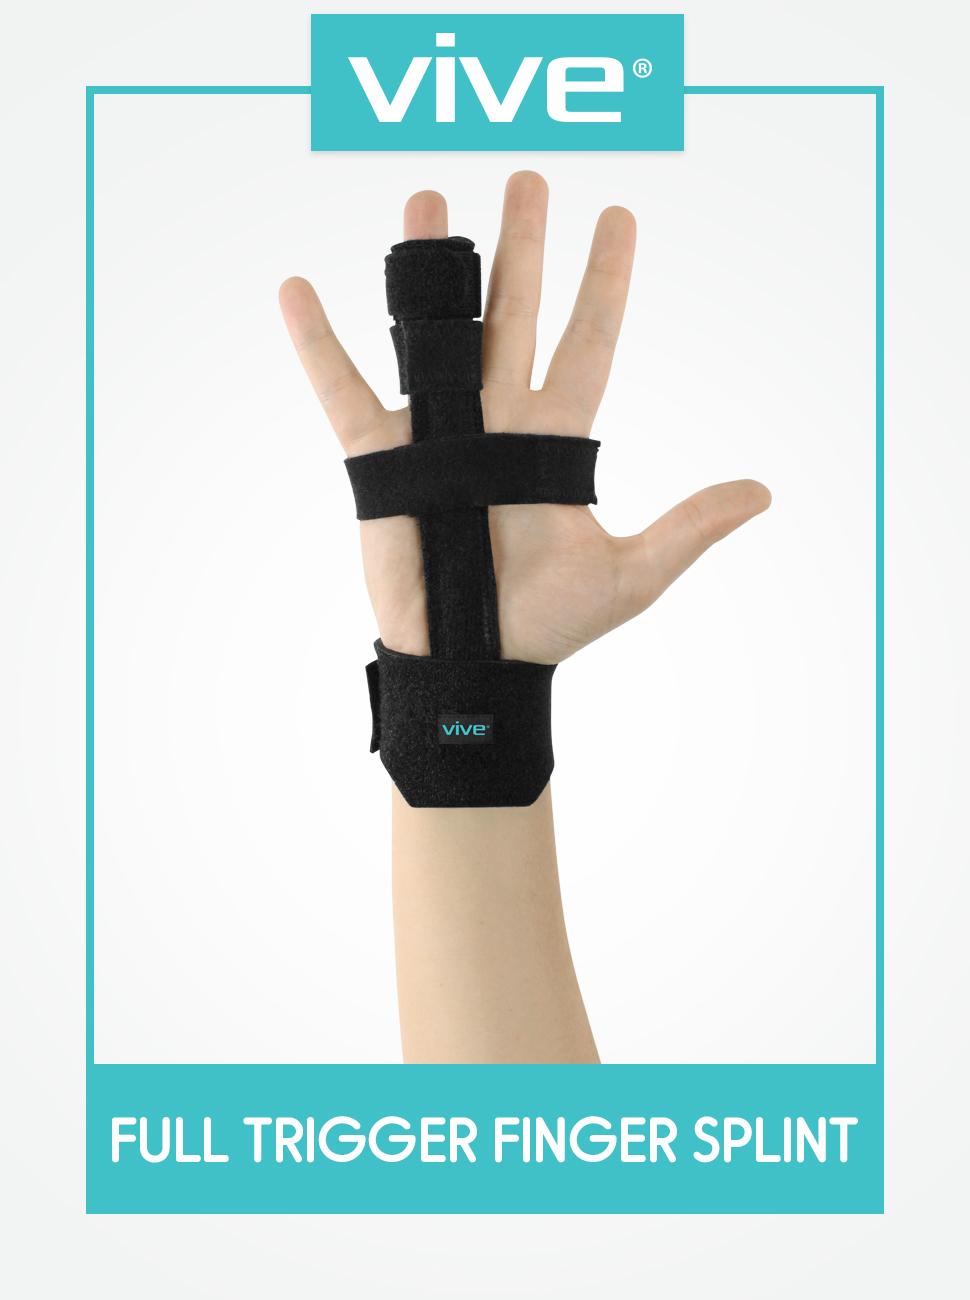 Trigger Finger Full Splint